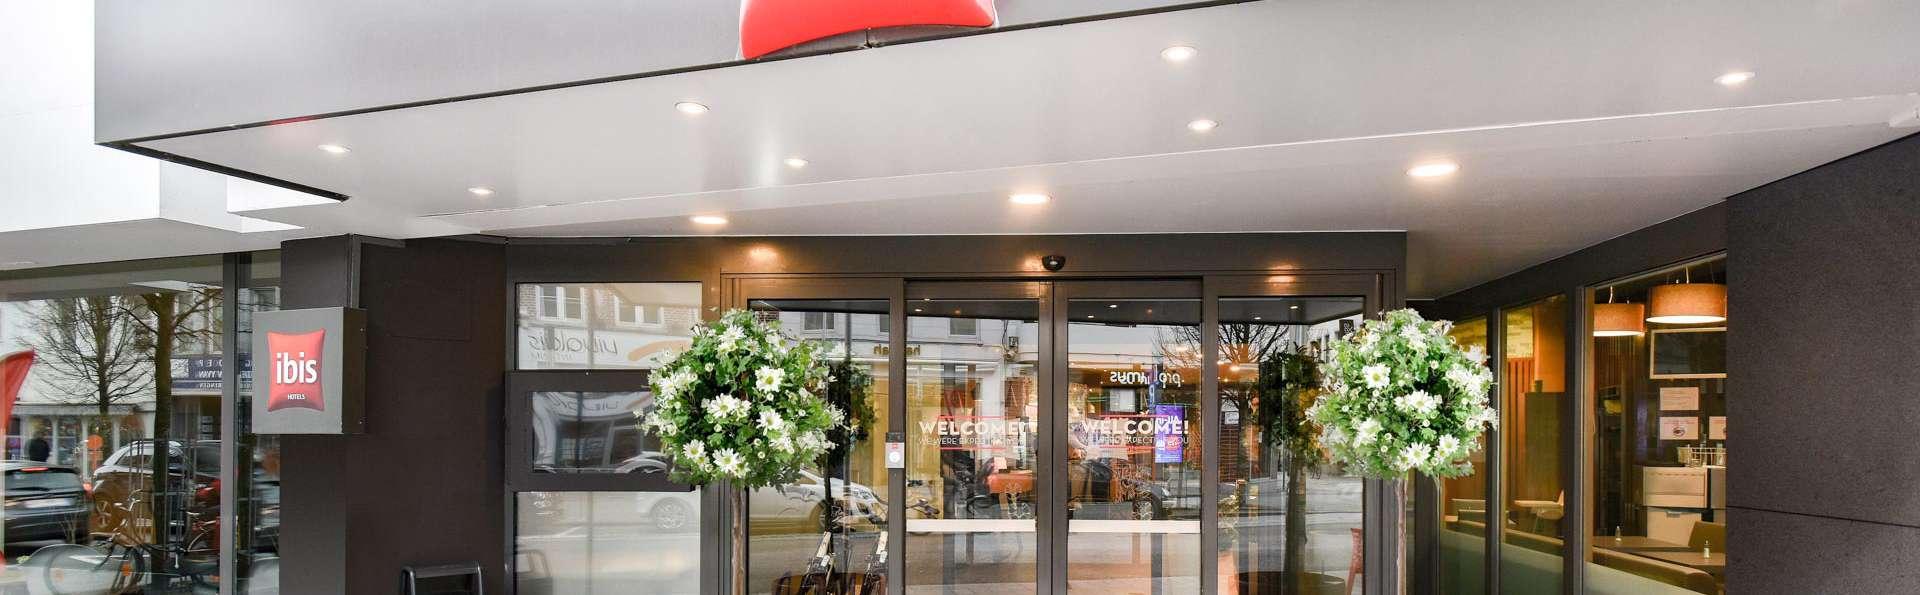 Hotel Ibis Kortrijk - EDIT_FRONT_02.jpg